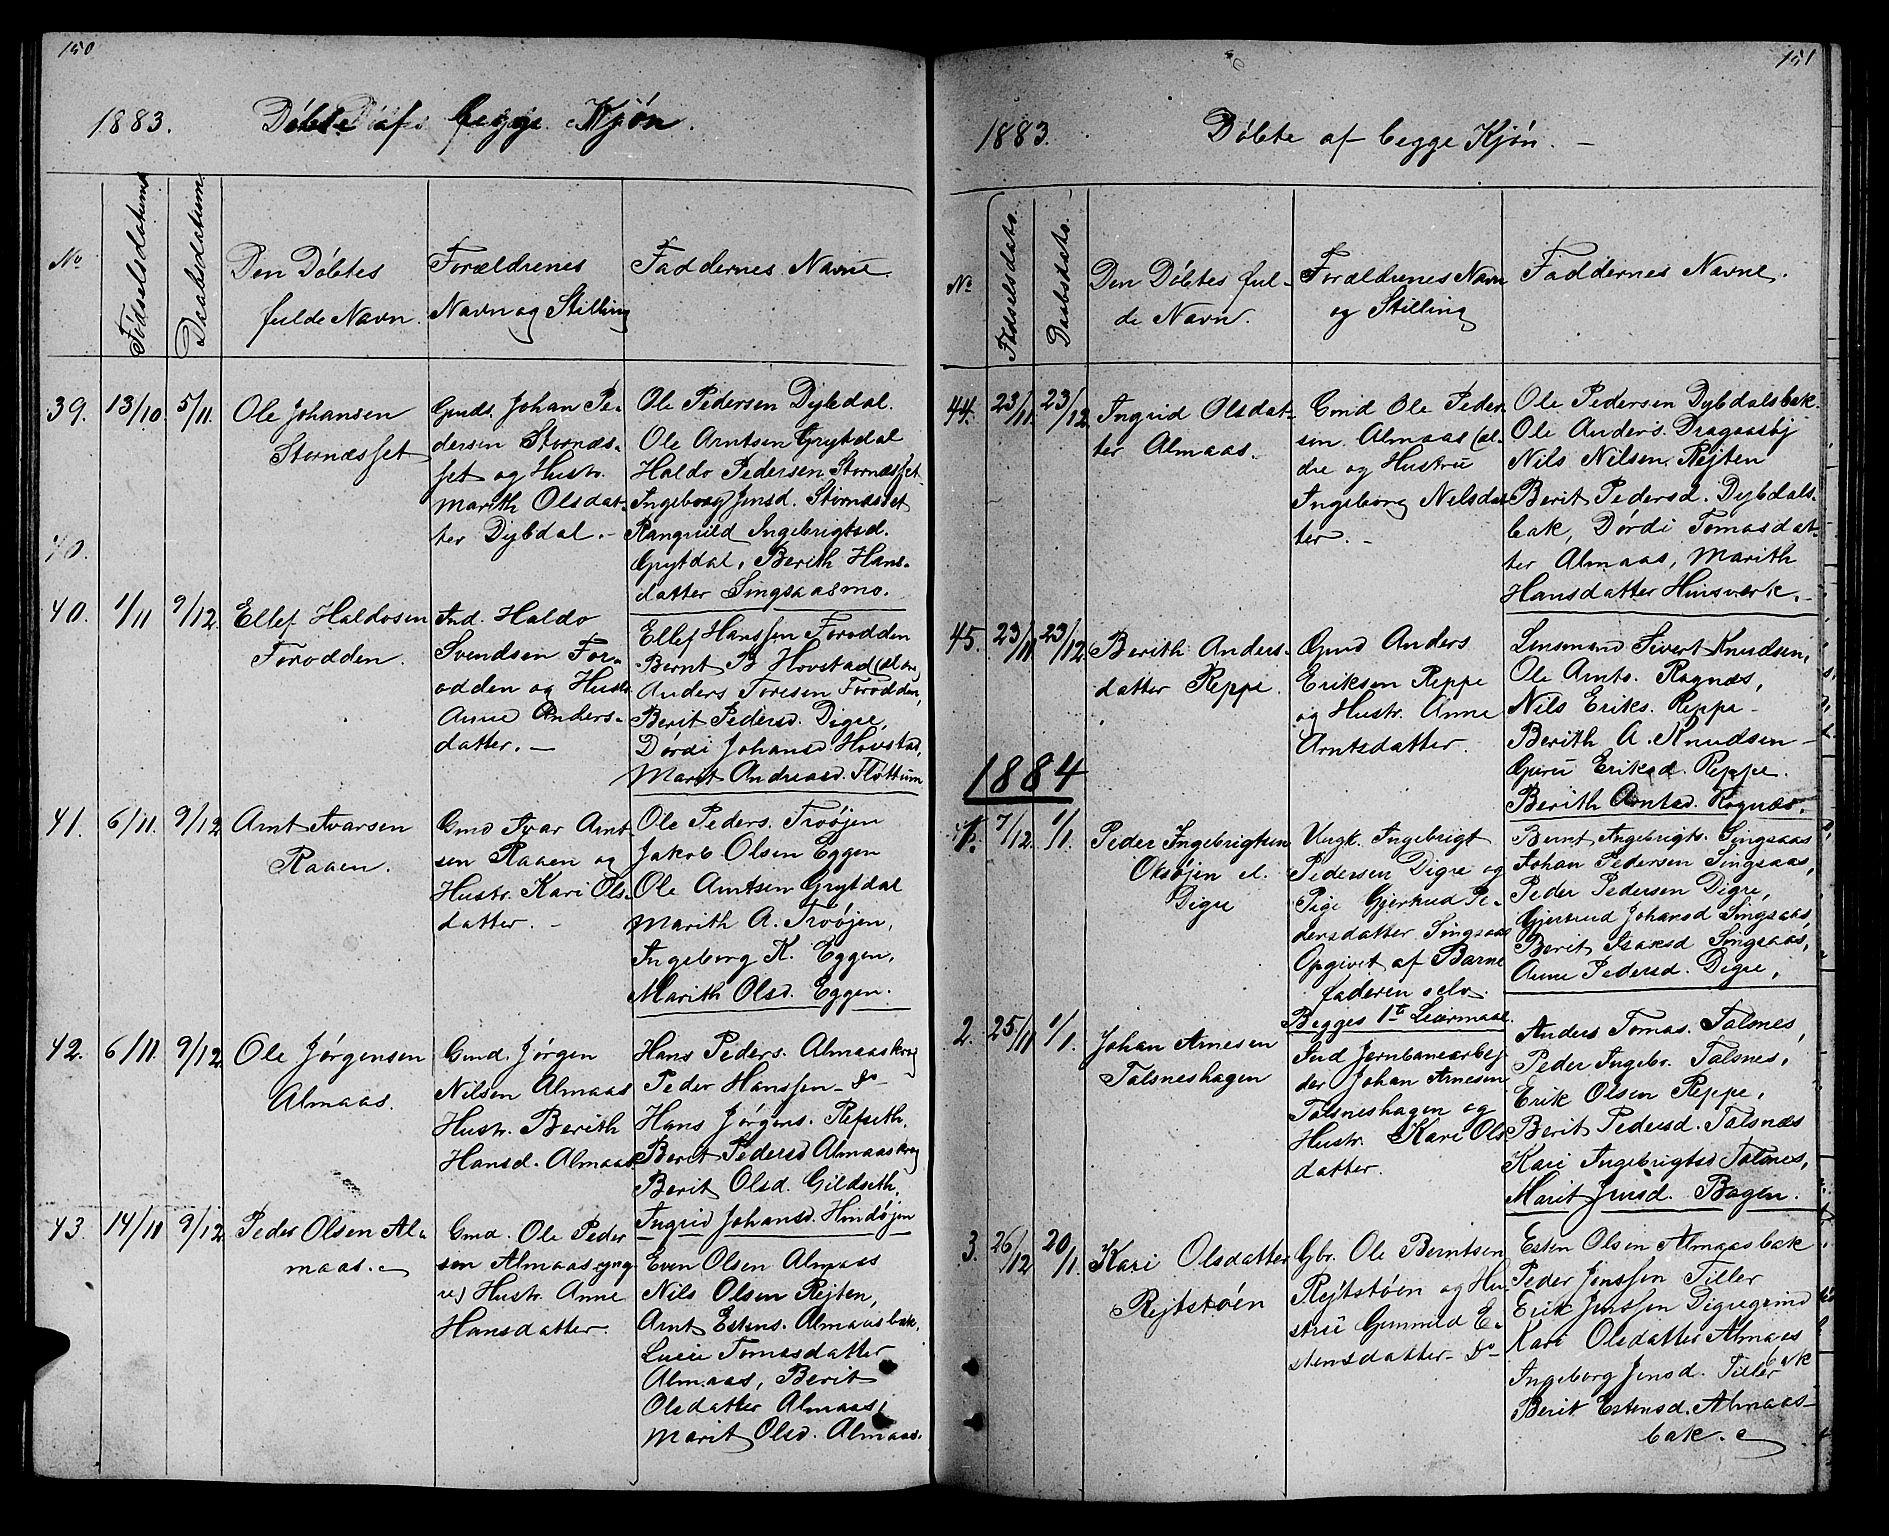 SAT, Ministerialprotokoller, klokkerbøker og fødselsregistre - Sør-Trøndelag, 688/L1027: Klokkerbok nr. 688C02, 1861-1889, s. 150-151